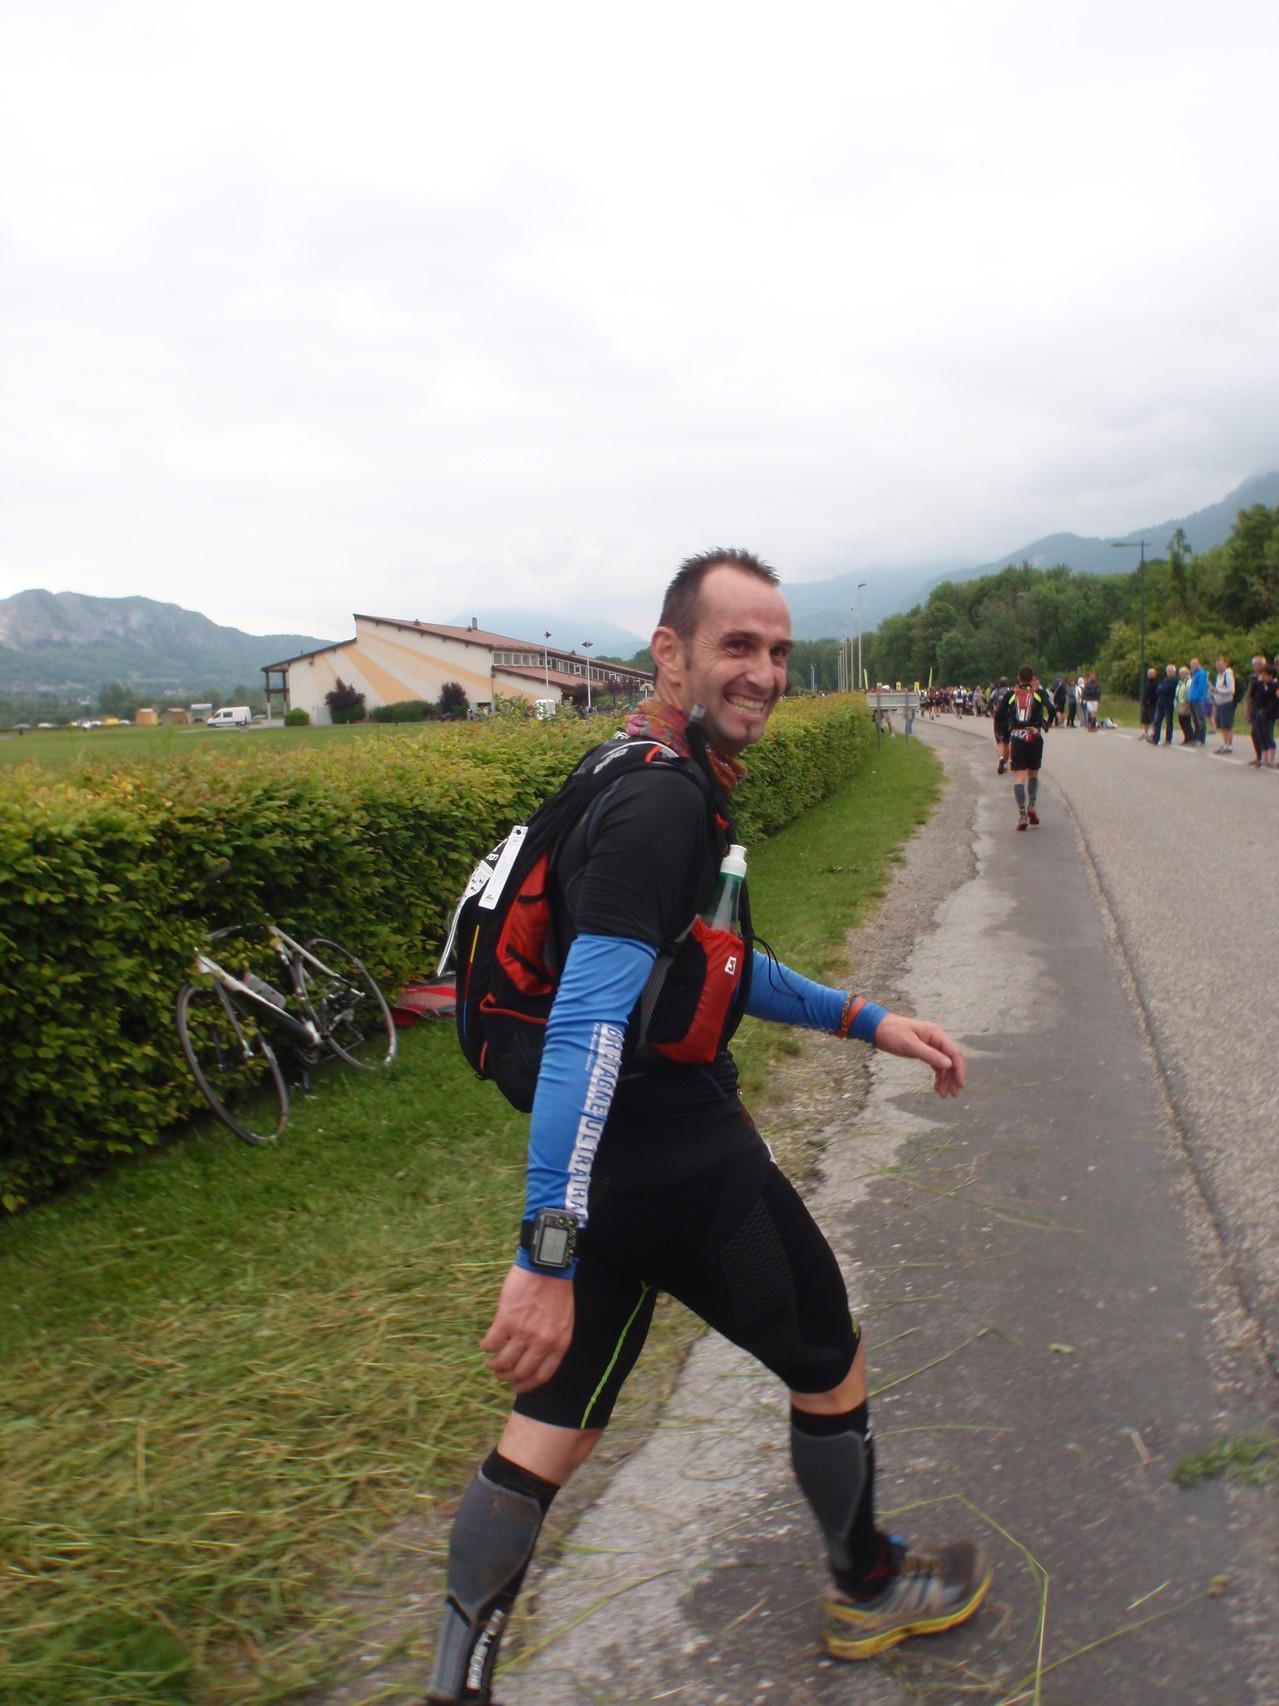 Maxi race: Doussard km 44